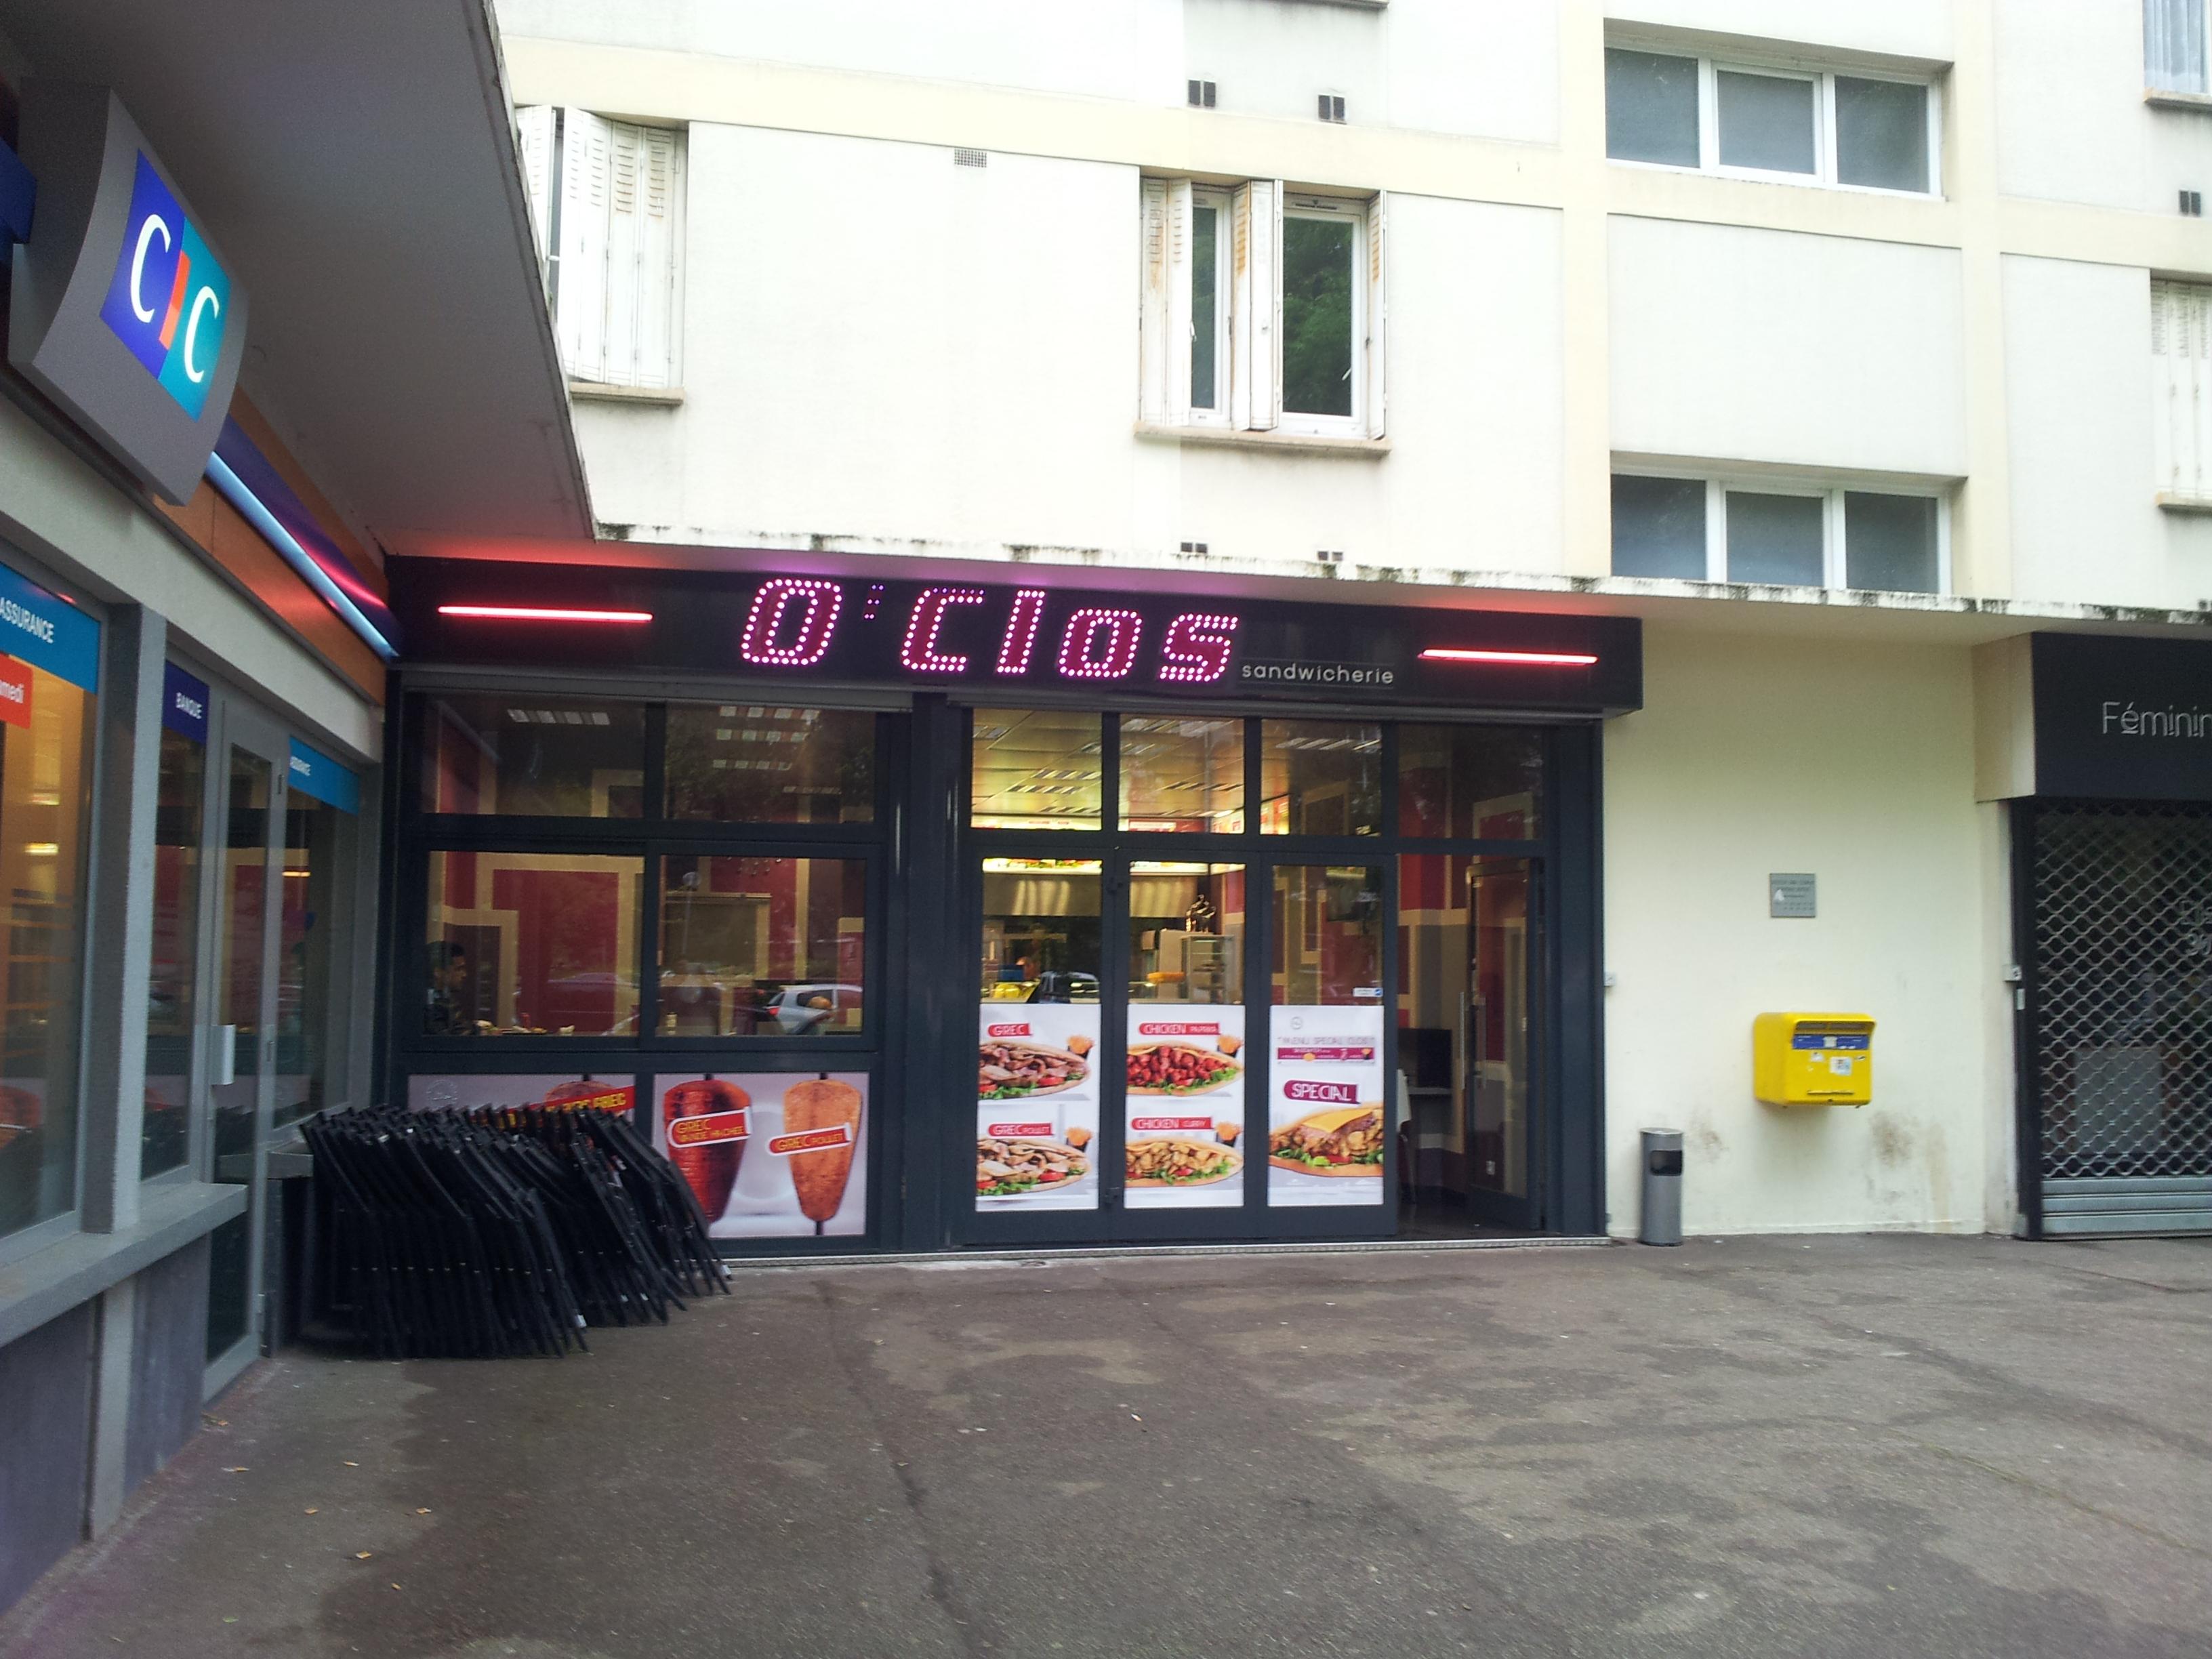 O'Clos - Eaubonne